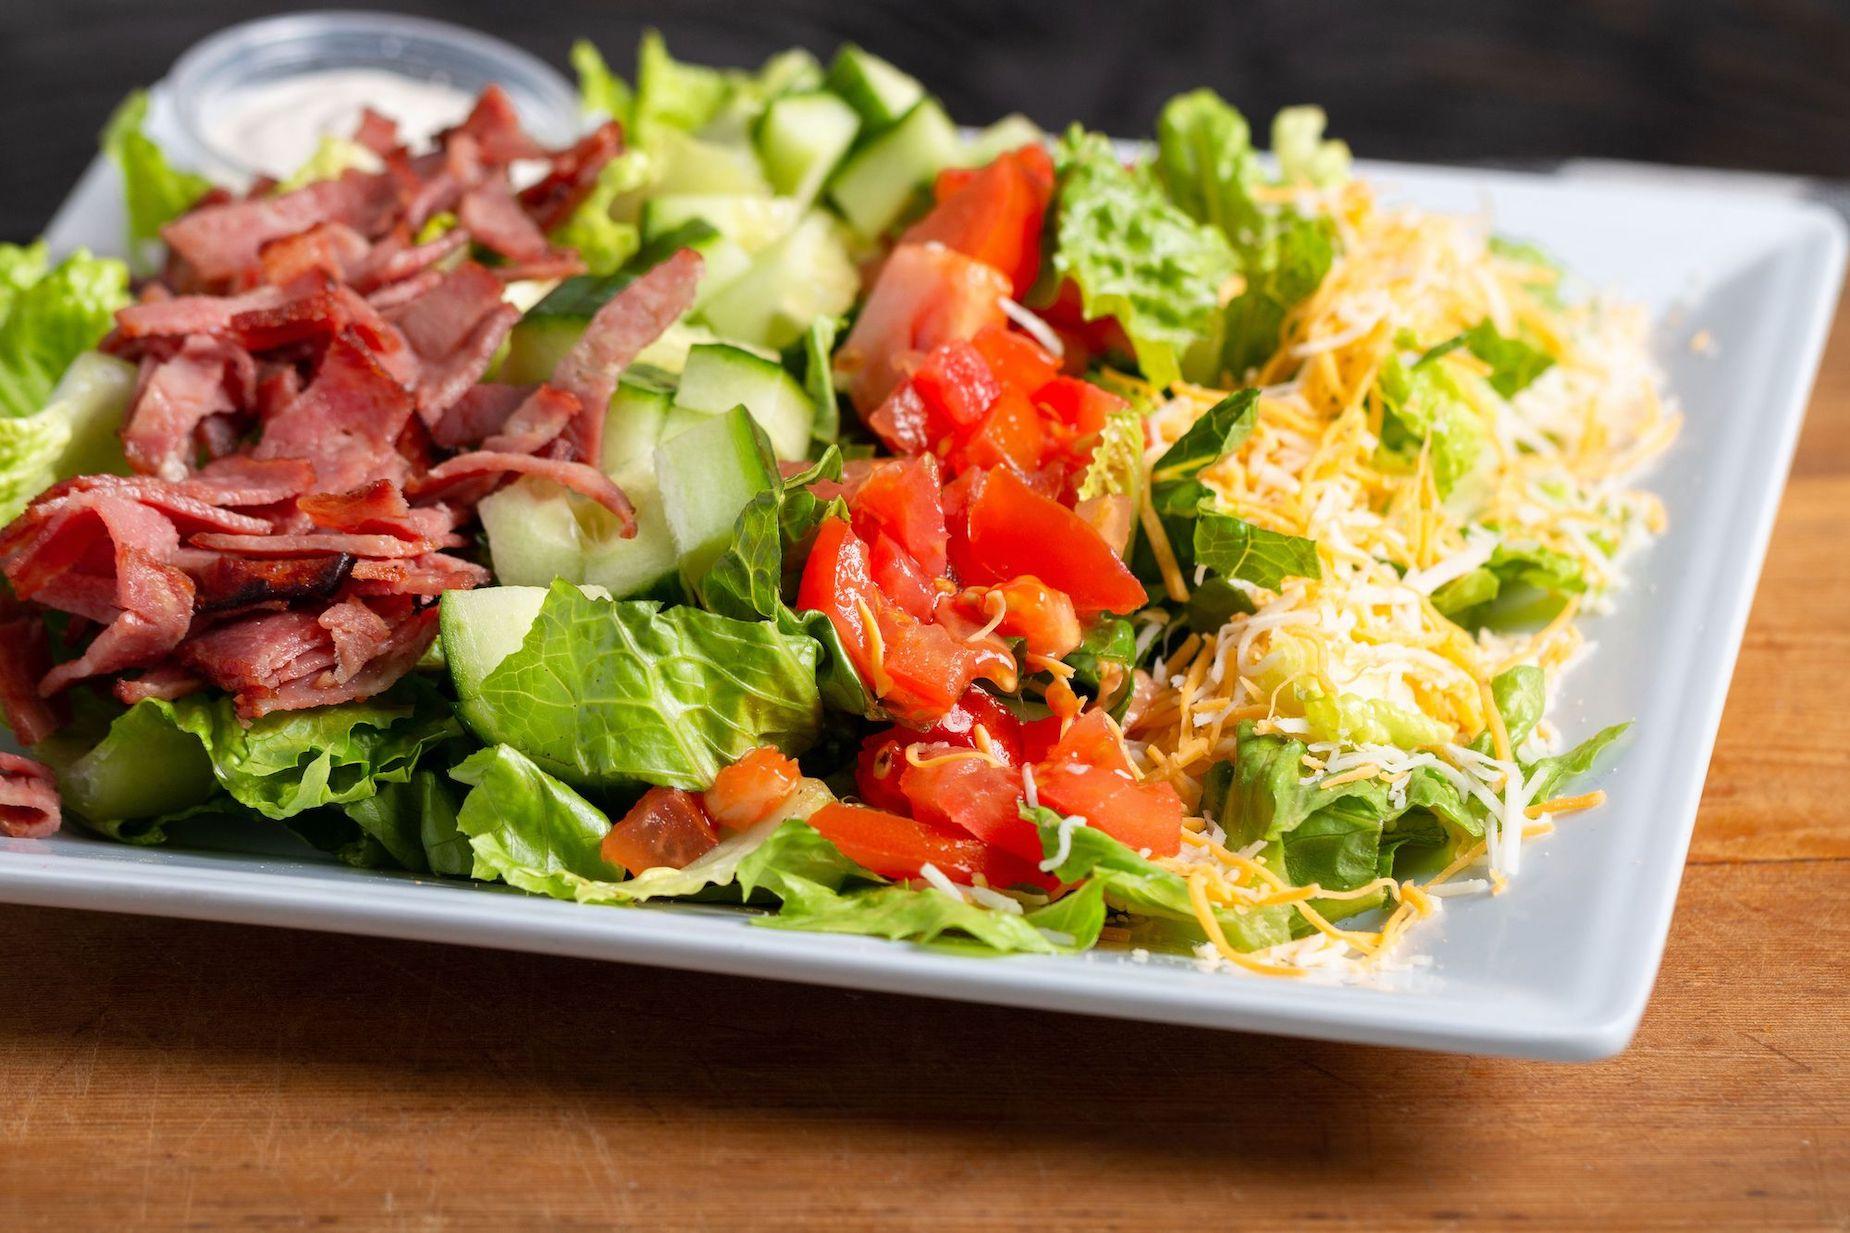 Java Bakery Cafe_ BLT salad